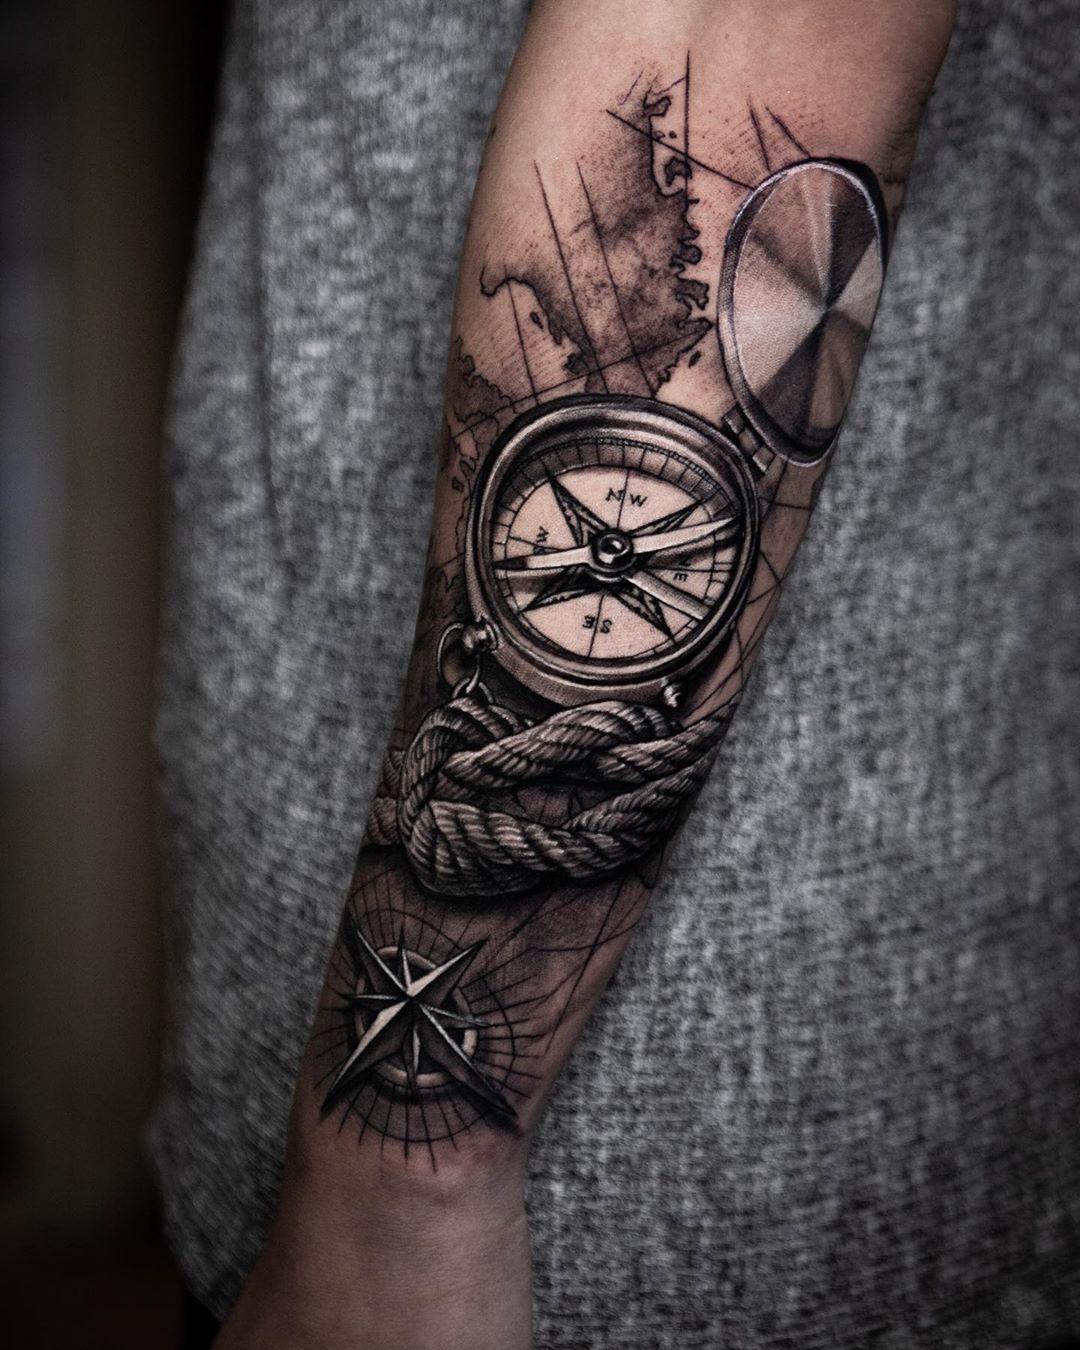 Tattoo Photo Gallery : tattoo, photo, gallery, Black, Tattoos, World, Tattoo, Gallery, Forearm, Tattoos,, Nautical, Sleeve,, Sleeve